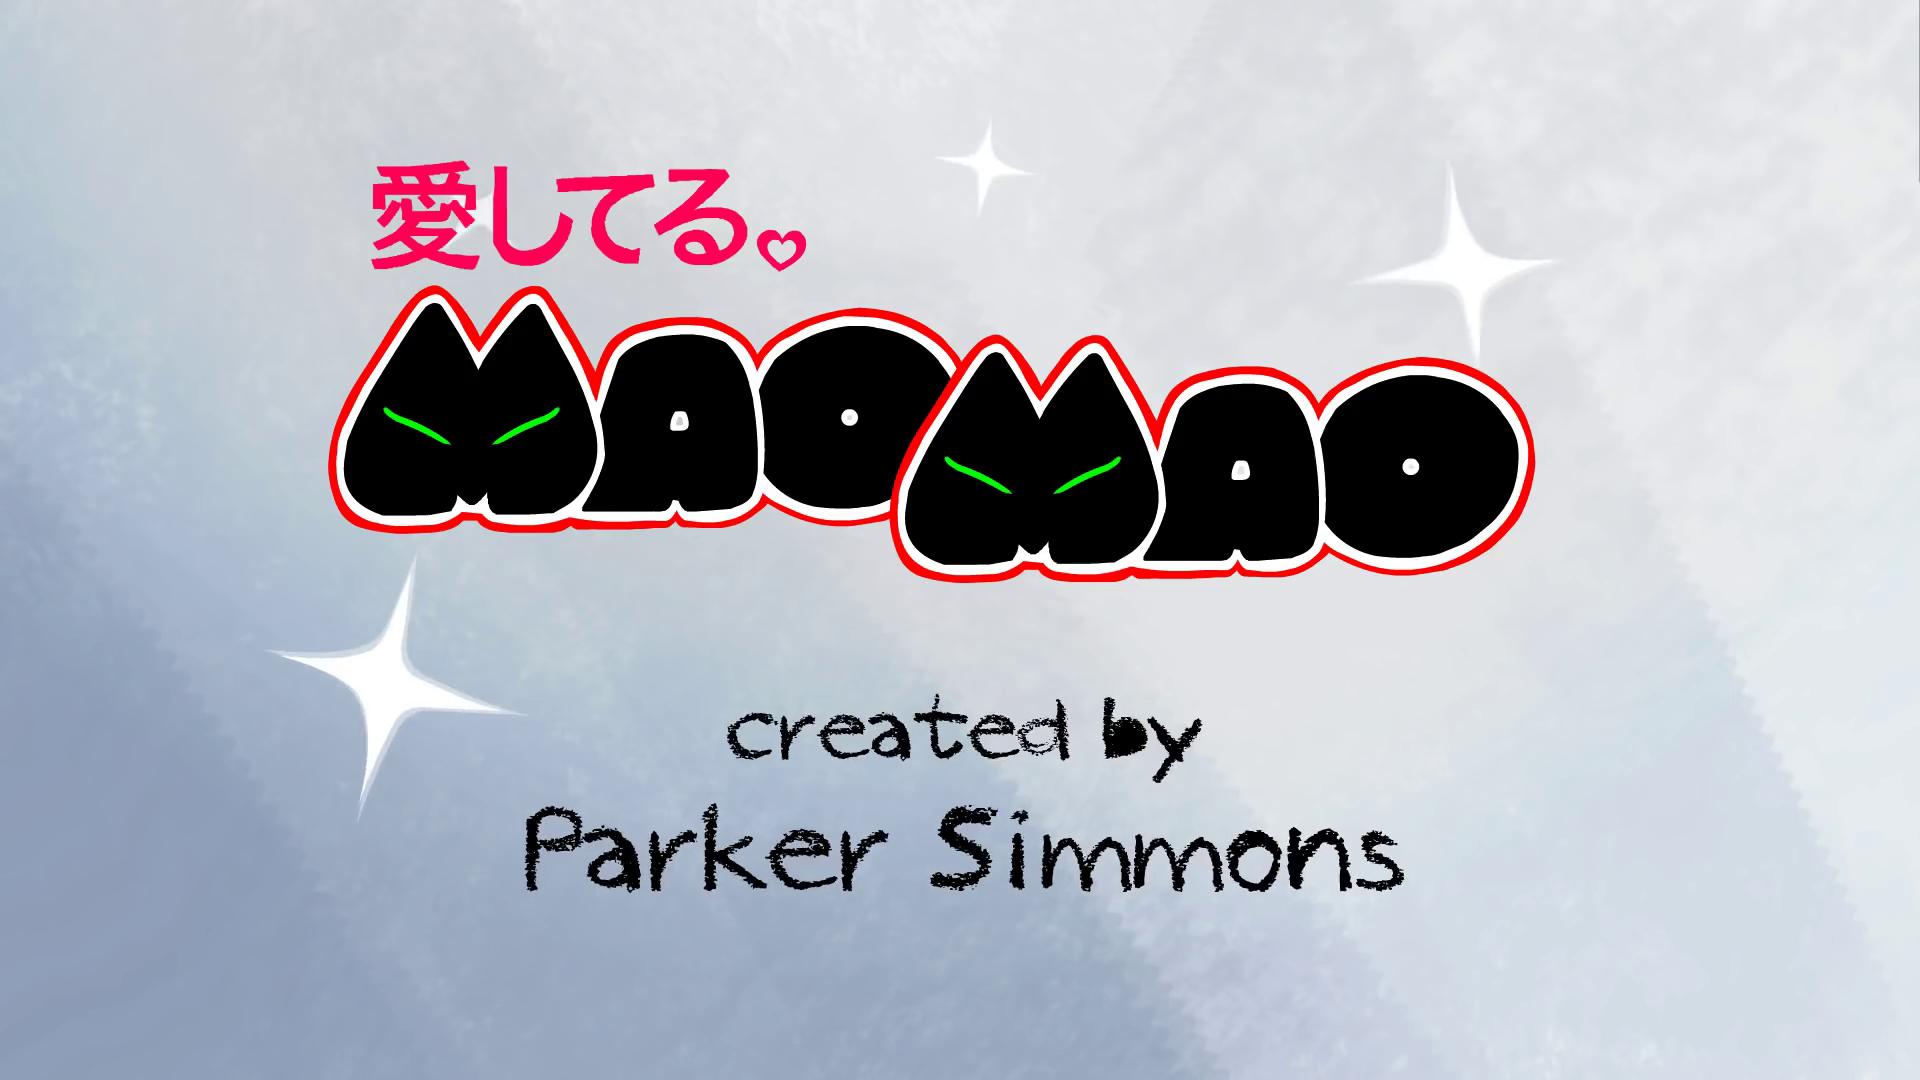 I Love You Mao Mao (teaser)